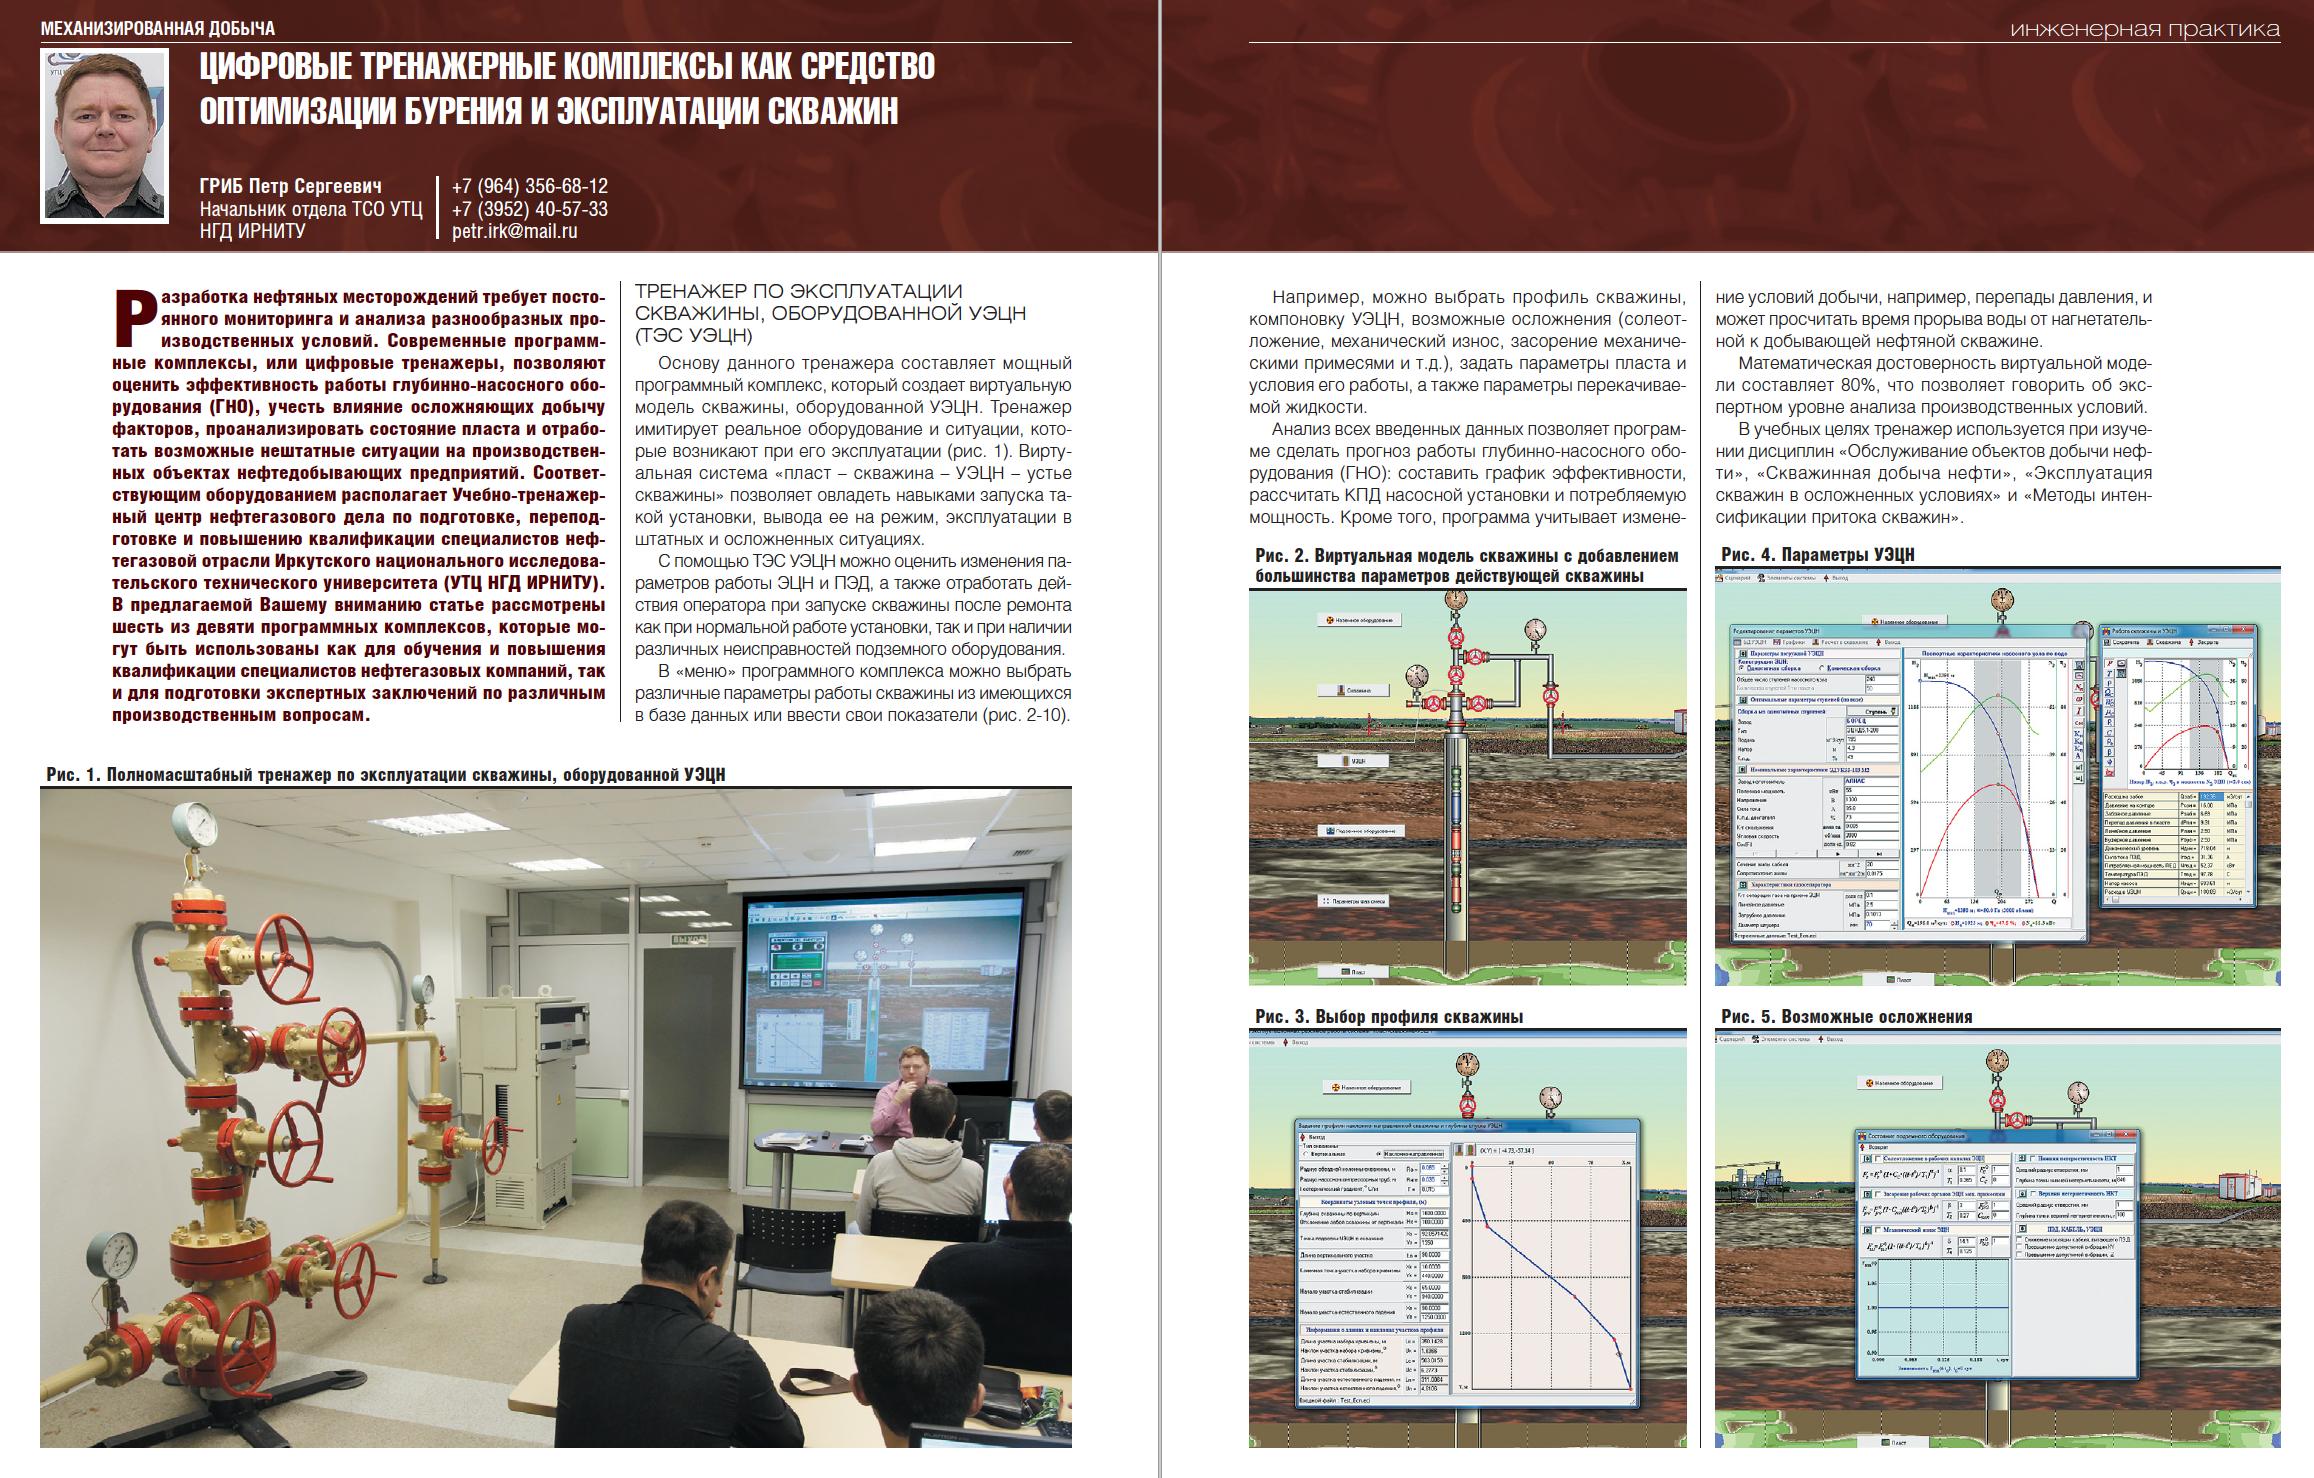 28323 Цифровые тренажерные комплексы как средство оптимизации бурения и эксплуатации скважин